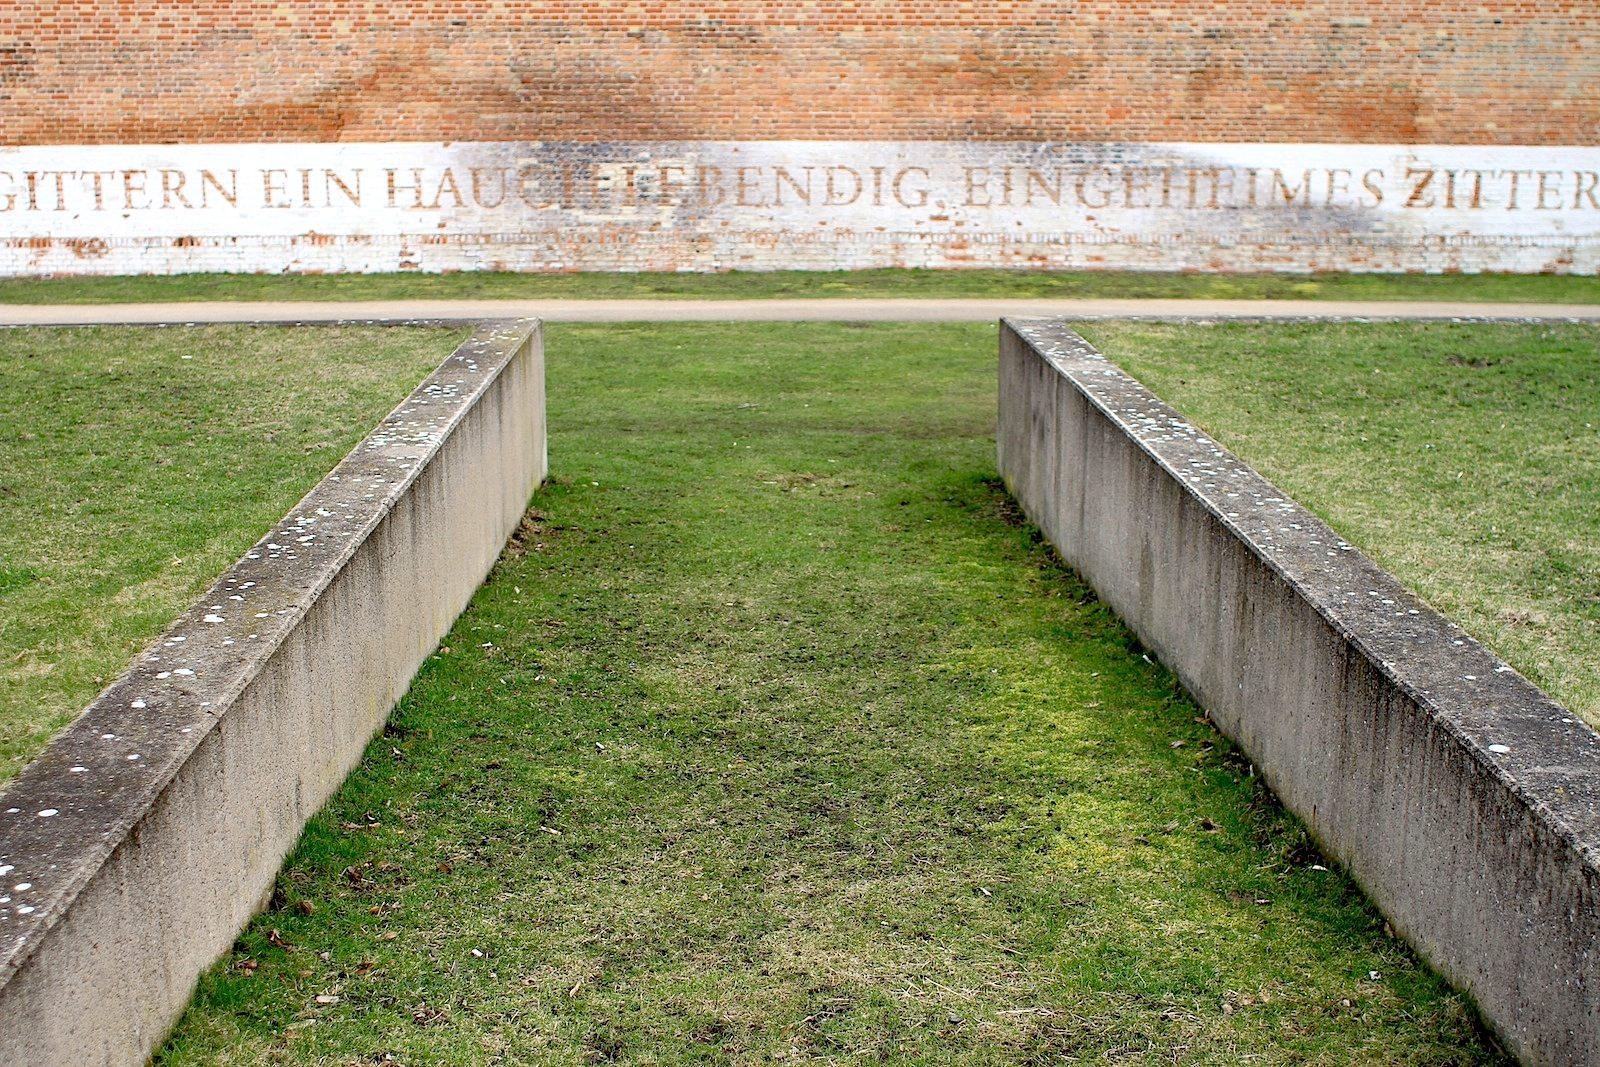 Auszeichnung.  In Zusammenarbeit mit Anwohnern, vor allem auch mit Kindern und Jugendlichen, konnte eine Parkanlage entstehen, die mit dem Deutschen Landschaftsarchitekturpreis 2007 ausgezeichnet wurde.